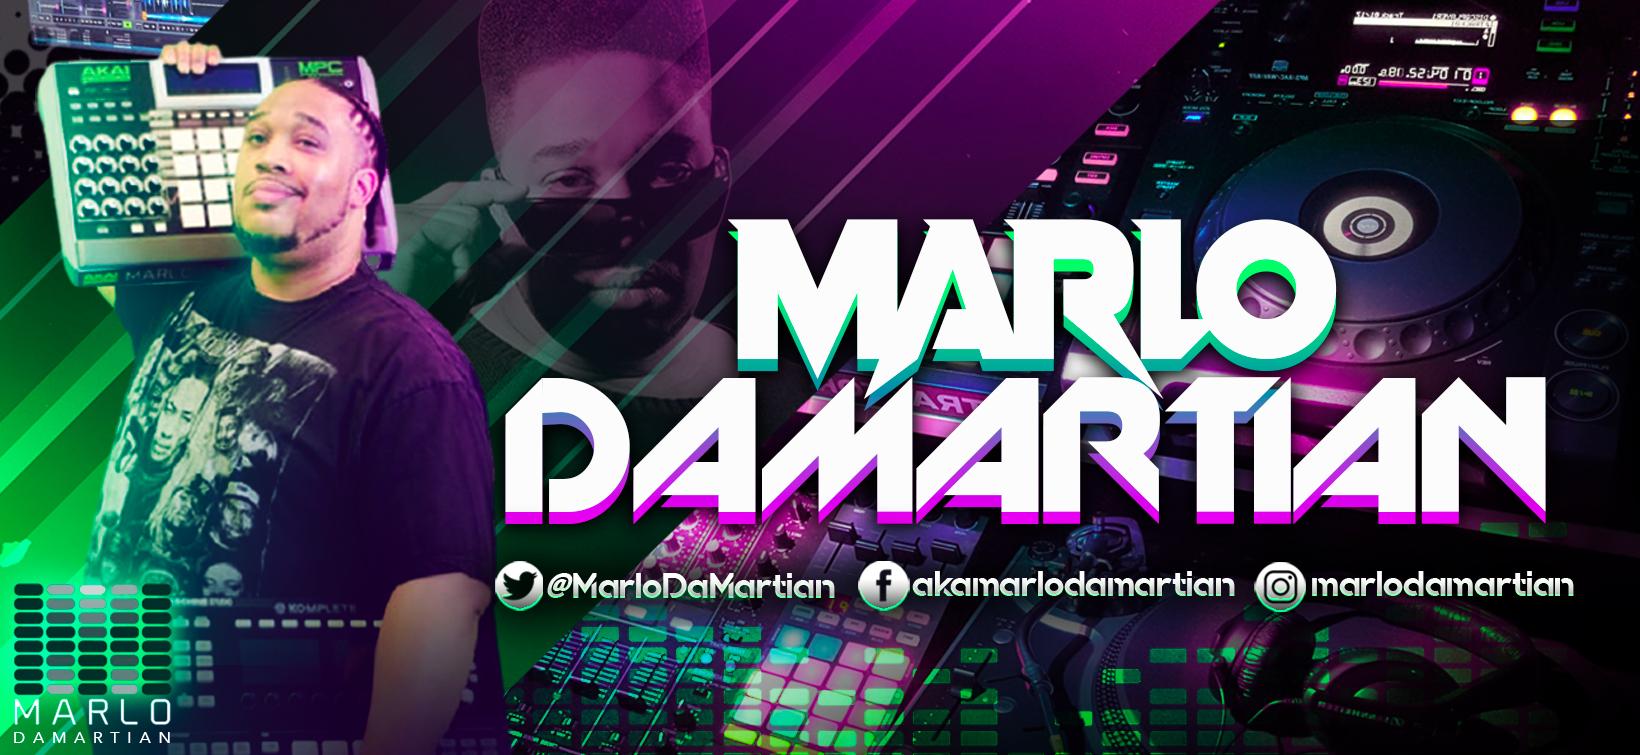 """Award-winning Dj, Marlo Da Martian has released a new single titled """"Pop Shake Twerk"""" ft: BoogSoWave & DJDuel"""